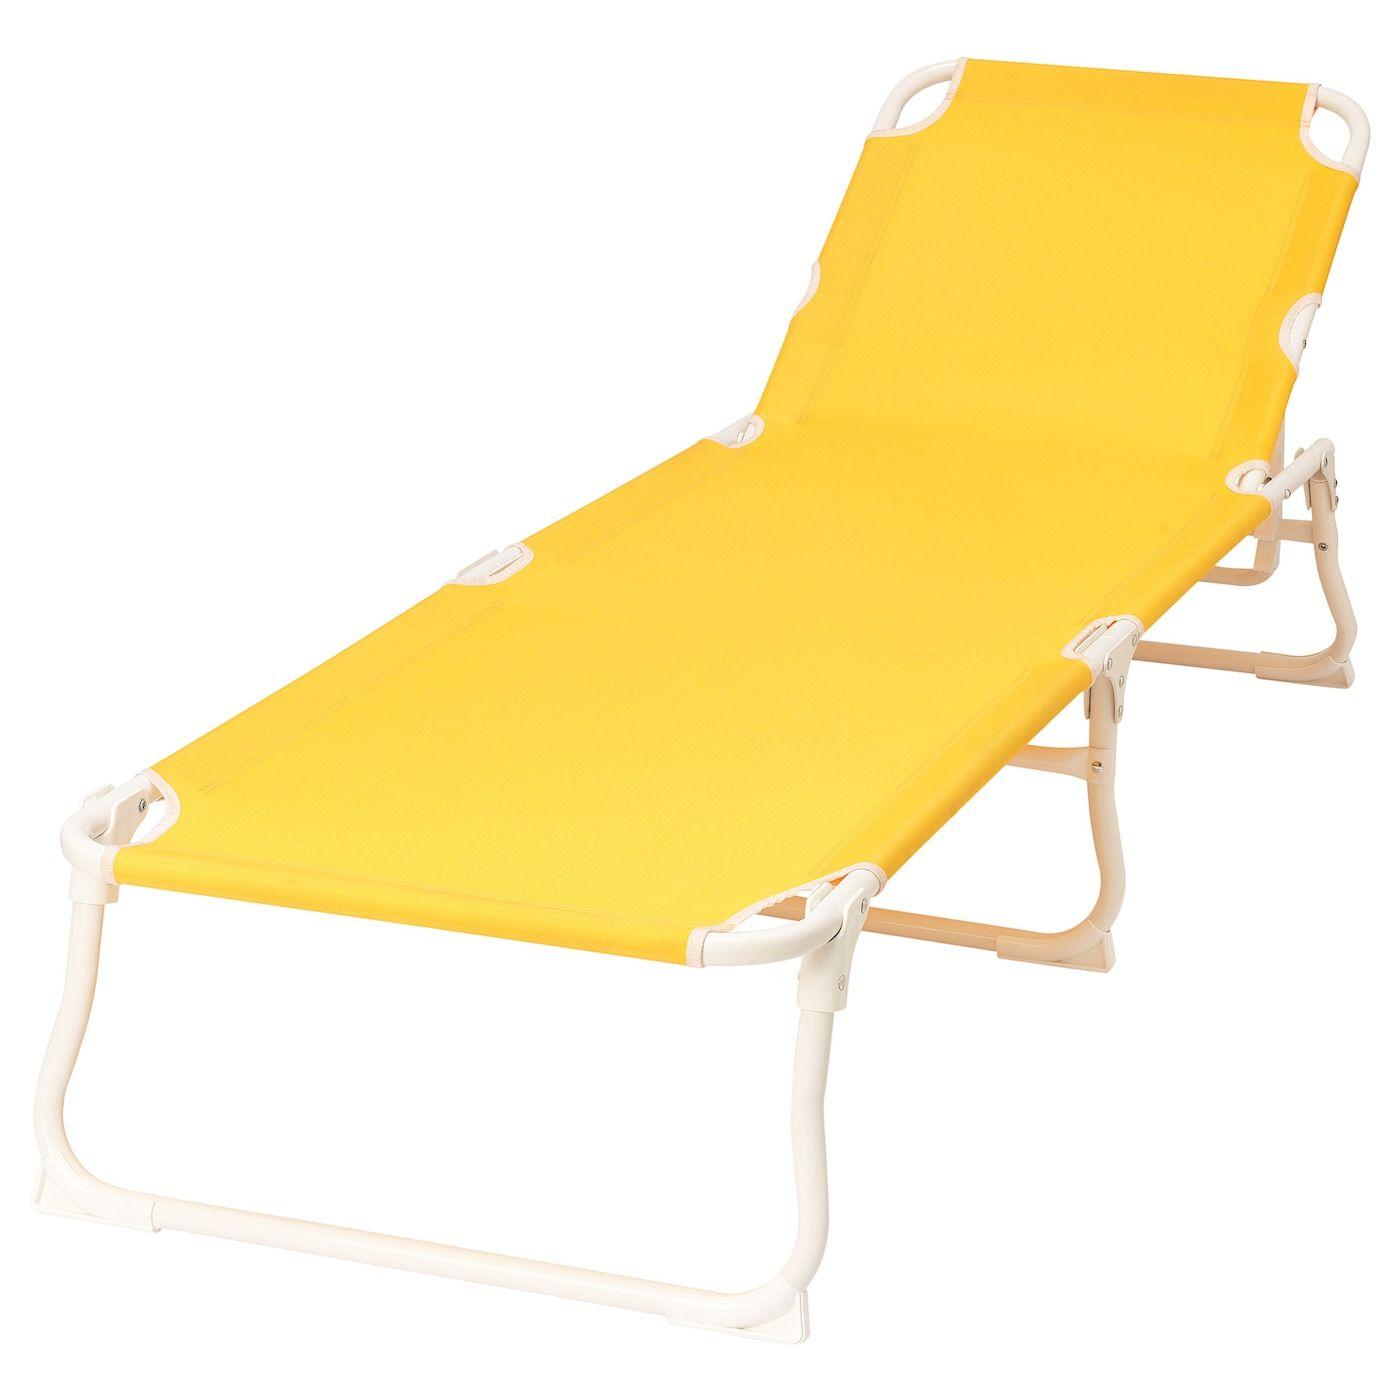 Full Size of Gartenliege Ikea Hm Sonnenliege Gelb Mit Bildern Küche Kosten Betten 160x200 Sofa Schlaffunktion Modulküche Kaufen Miniküche Bei Wohnzimmer Gartenliege Ikea